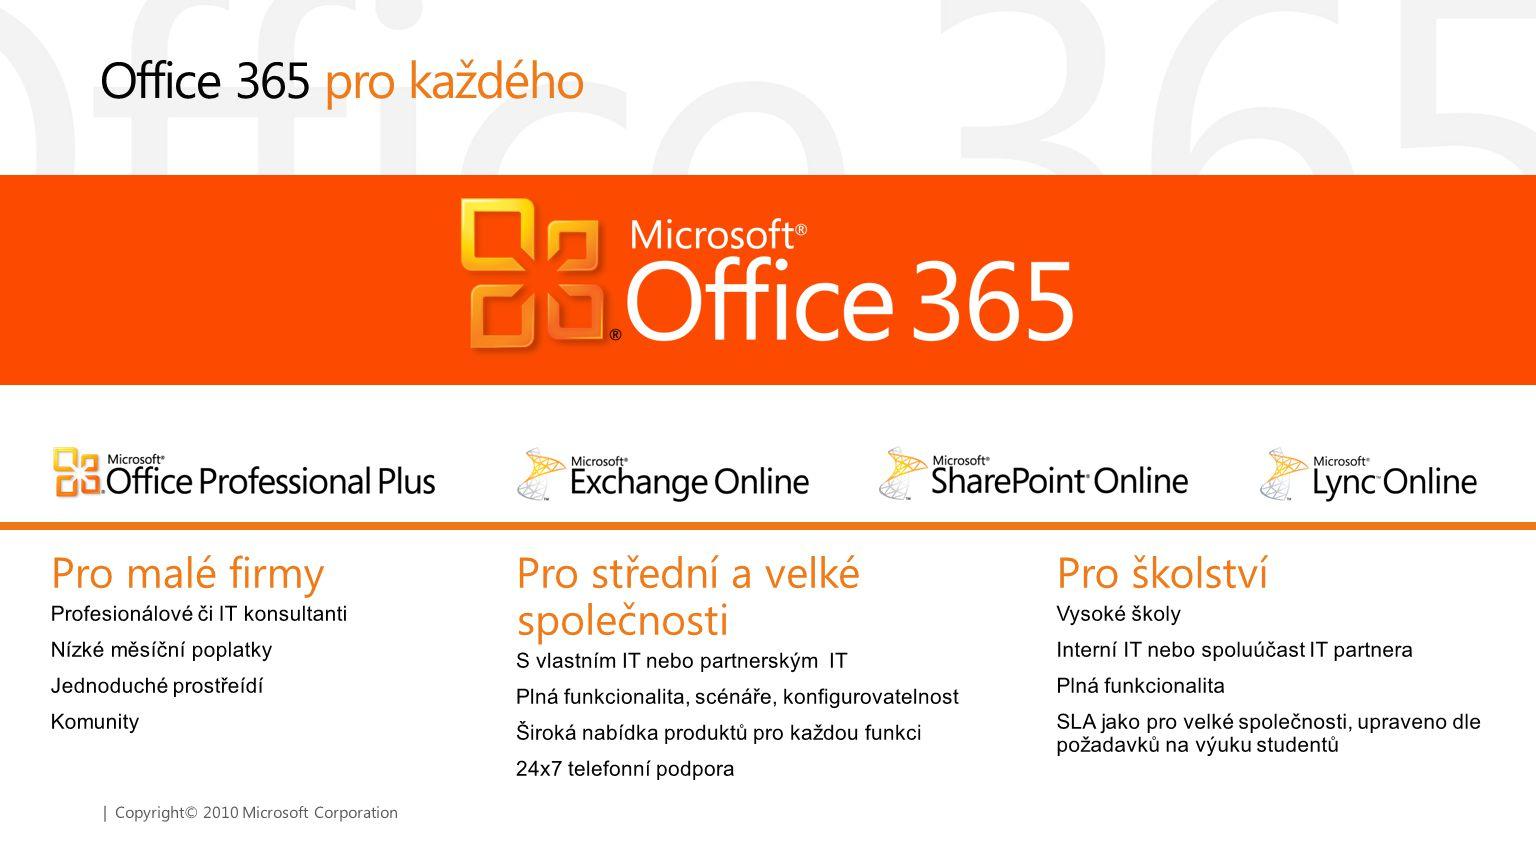 | Copyright© 2010 Microsoft Corporation Office 365 pro každého Pro školství Vysoké školy Interní IT nebo spoluúčast IT partnera Plná funkcionalita SLA